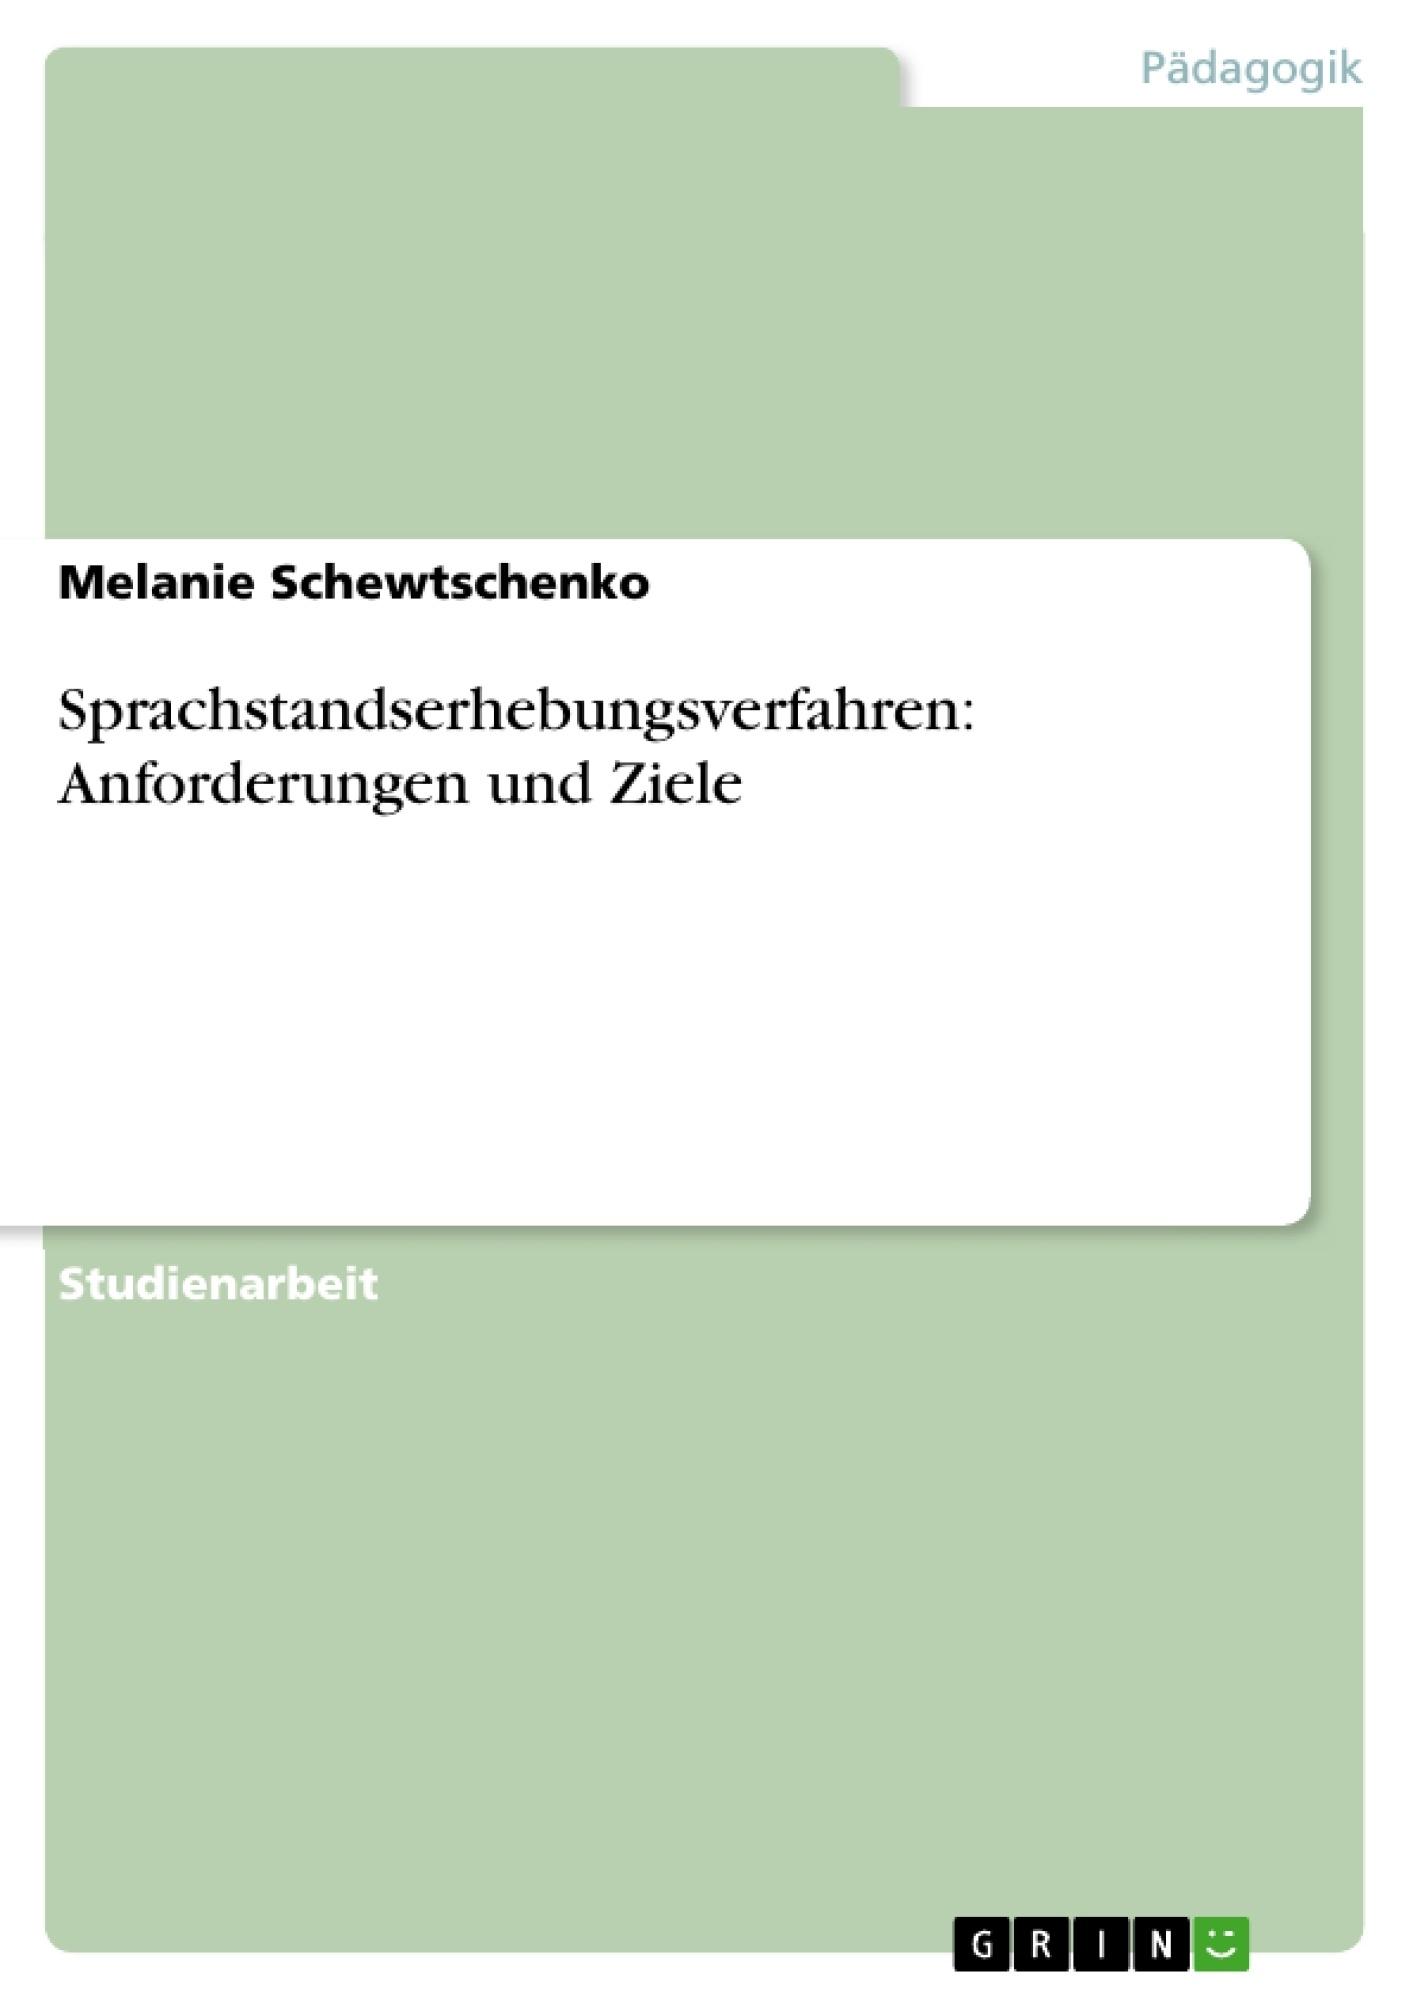 Titel: Sprachstandserhebungsverfahren: Anforderungen und Ziele